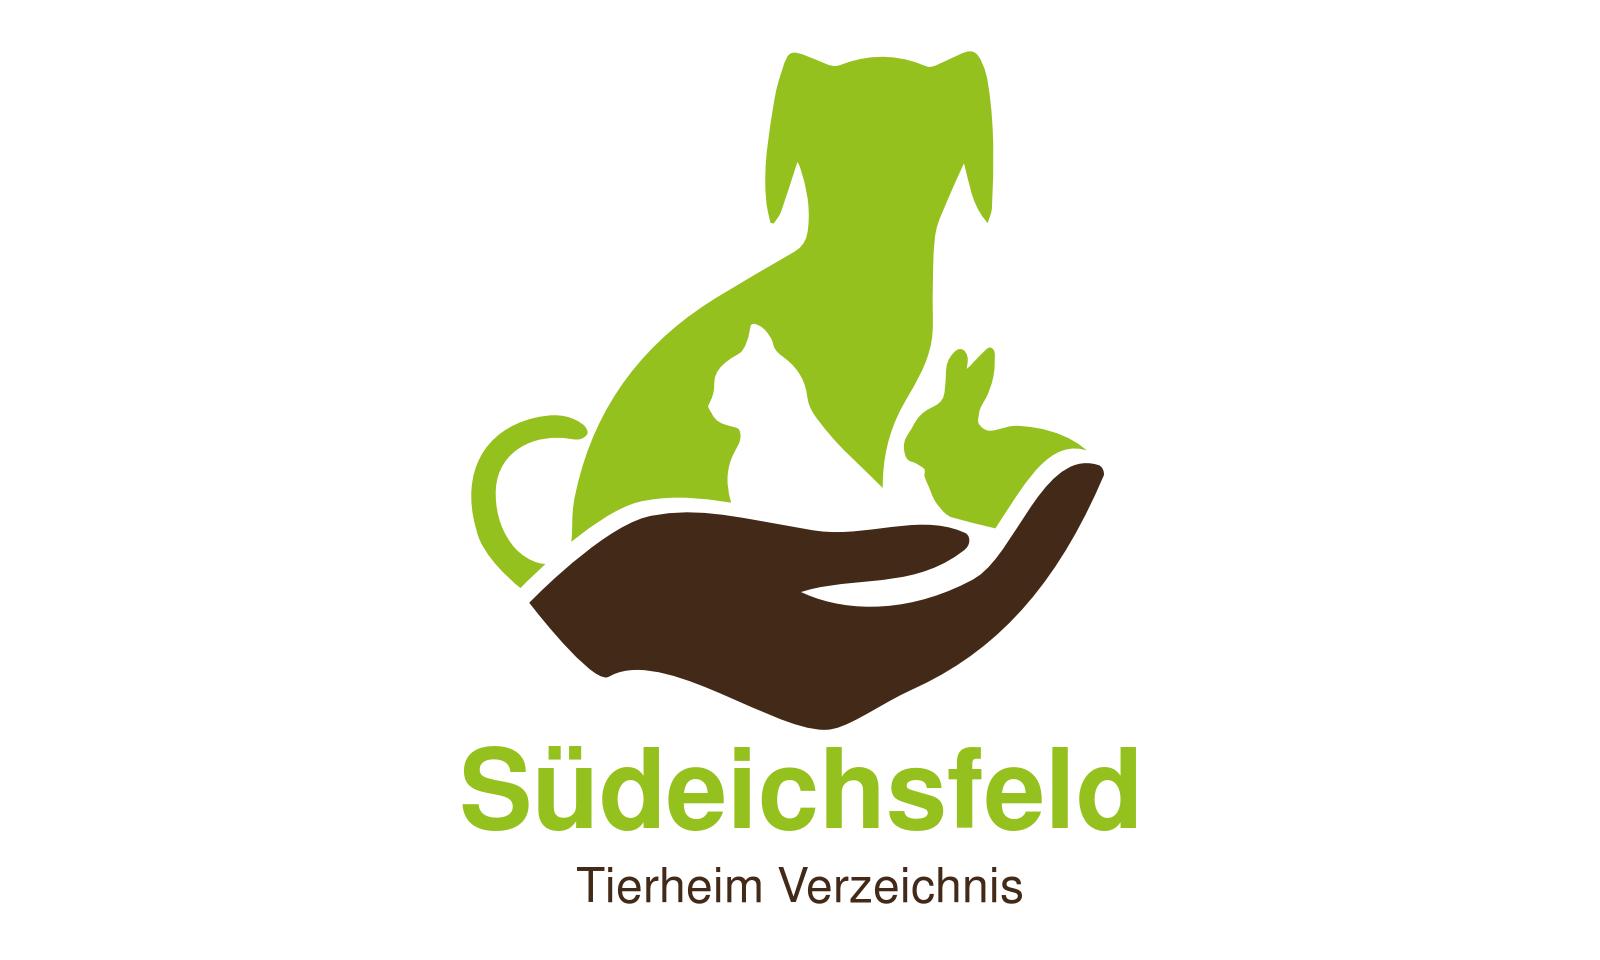 Tierheim Südeichsfeld